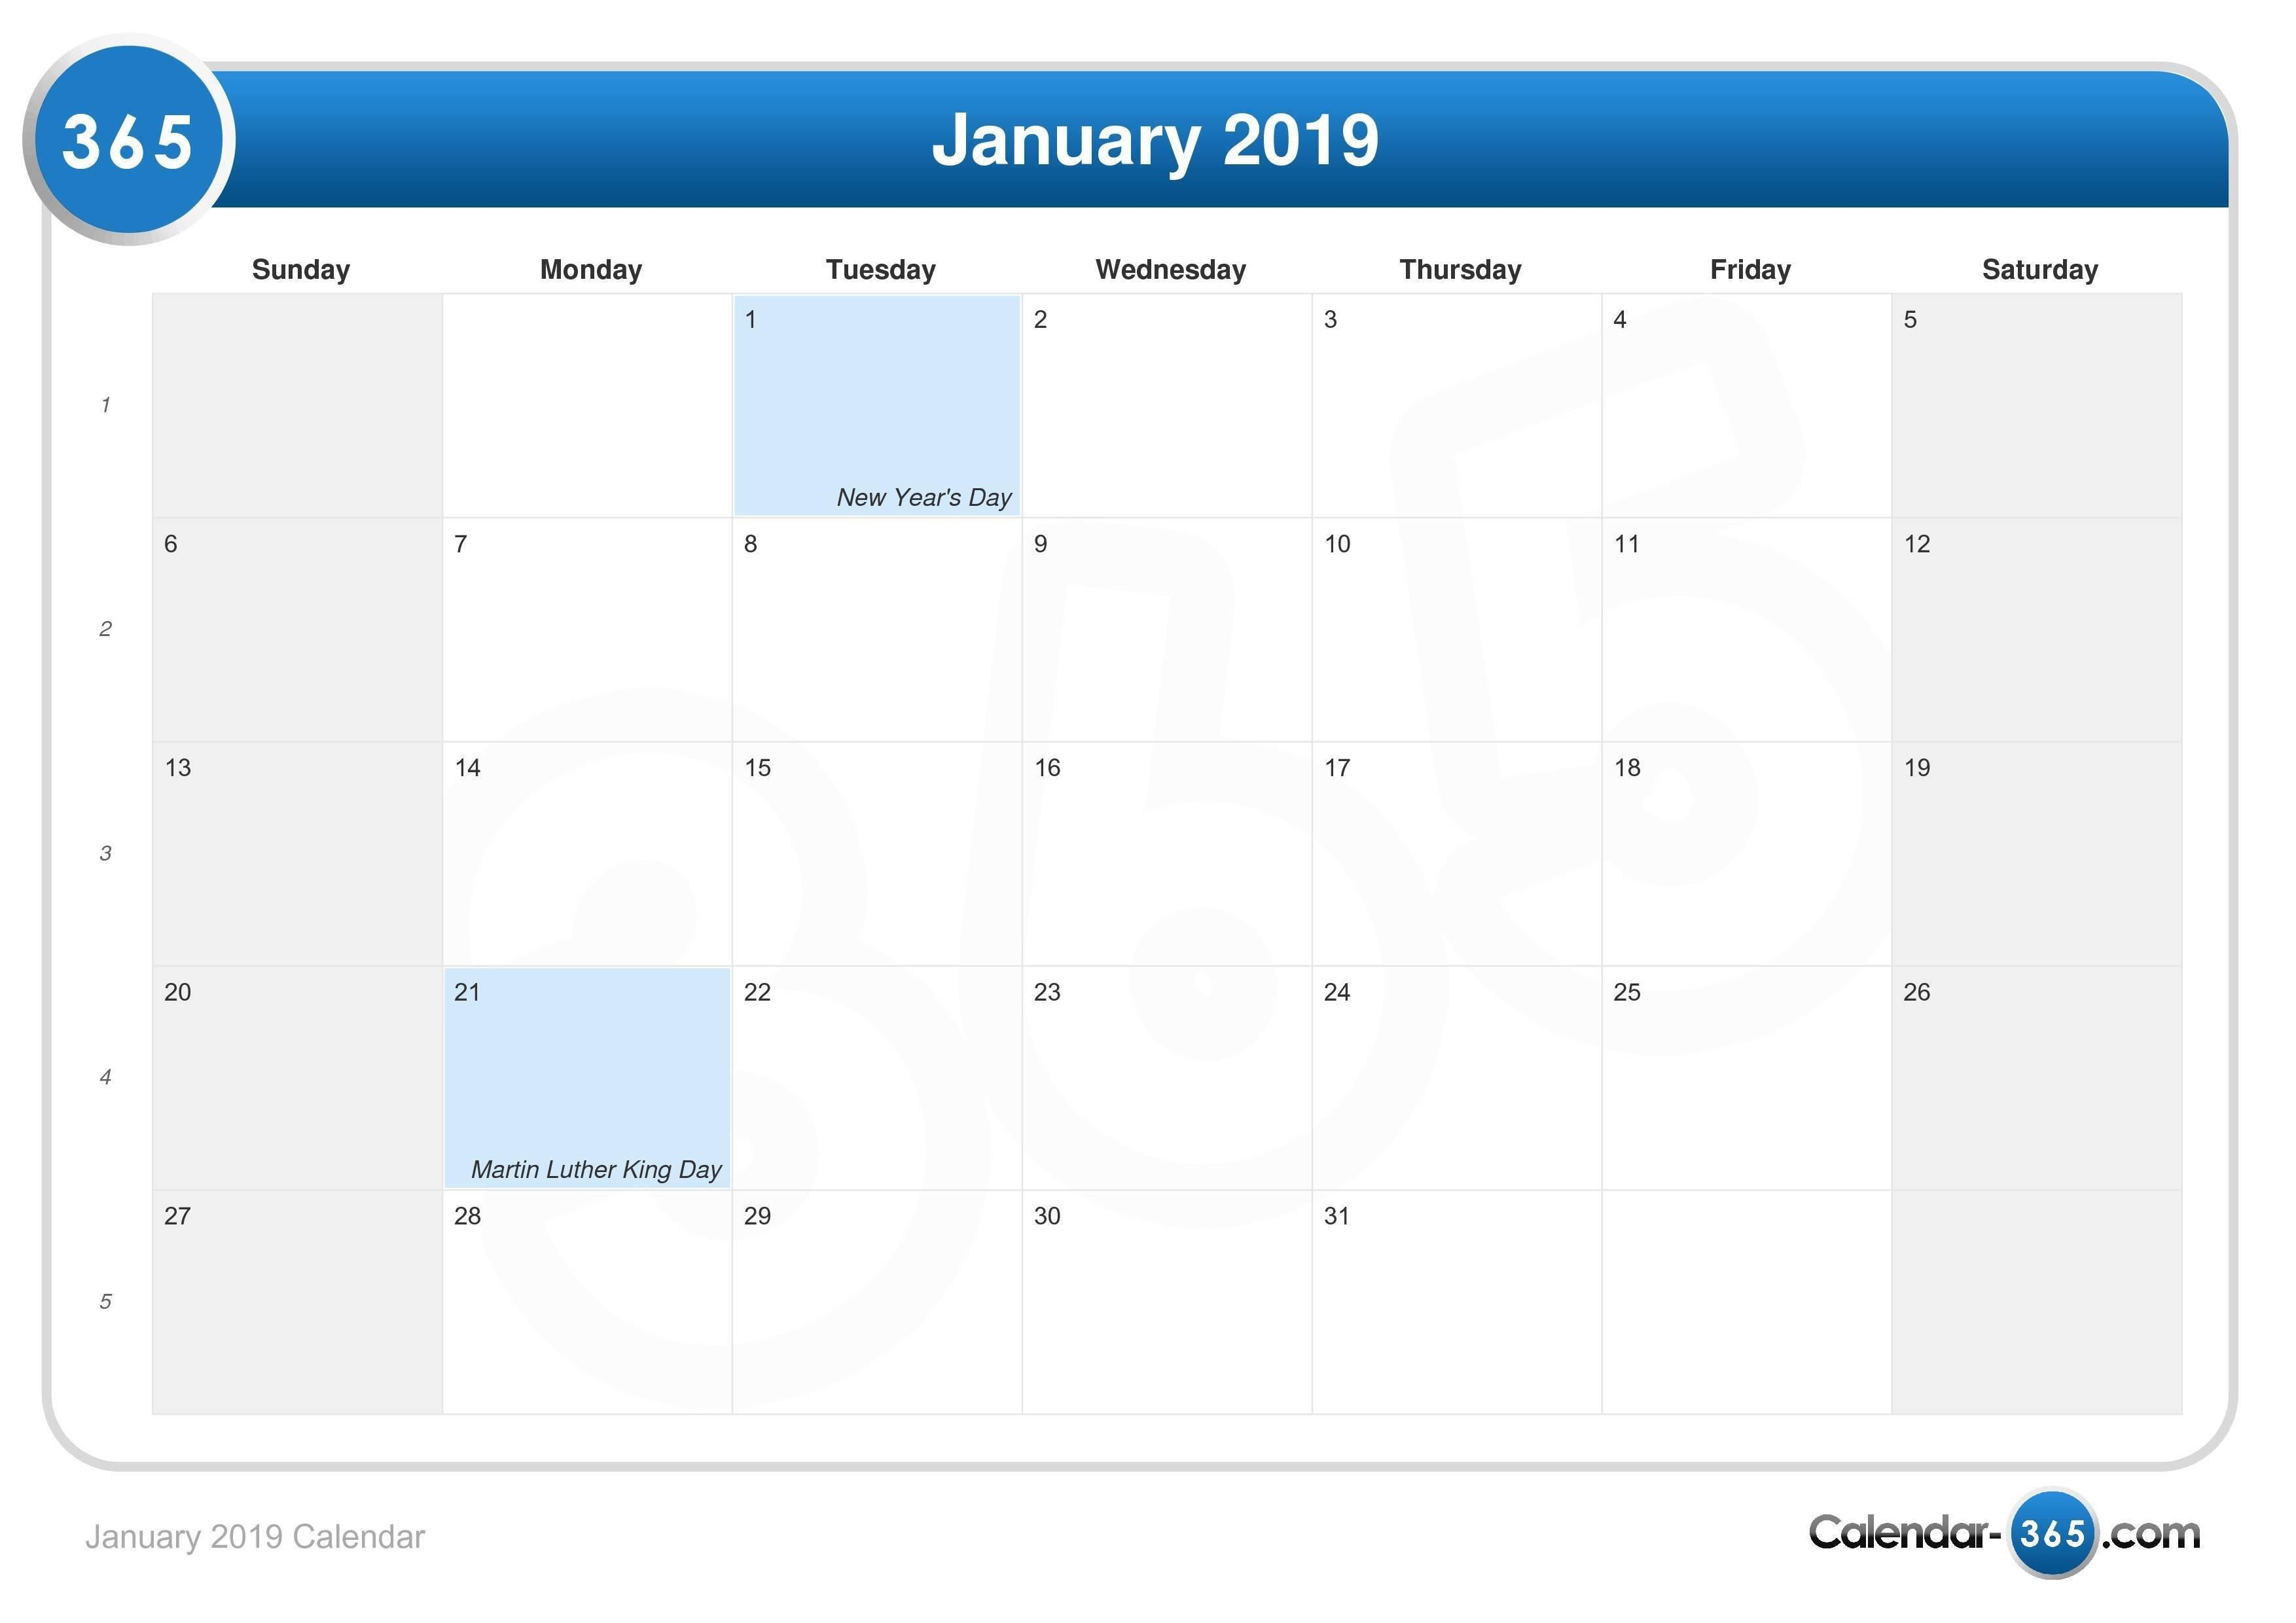 January 2019 Calendar Jan 4 2019 Calendar